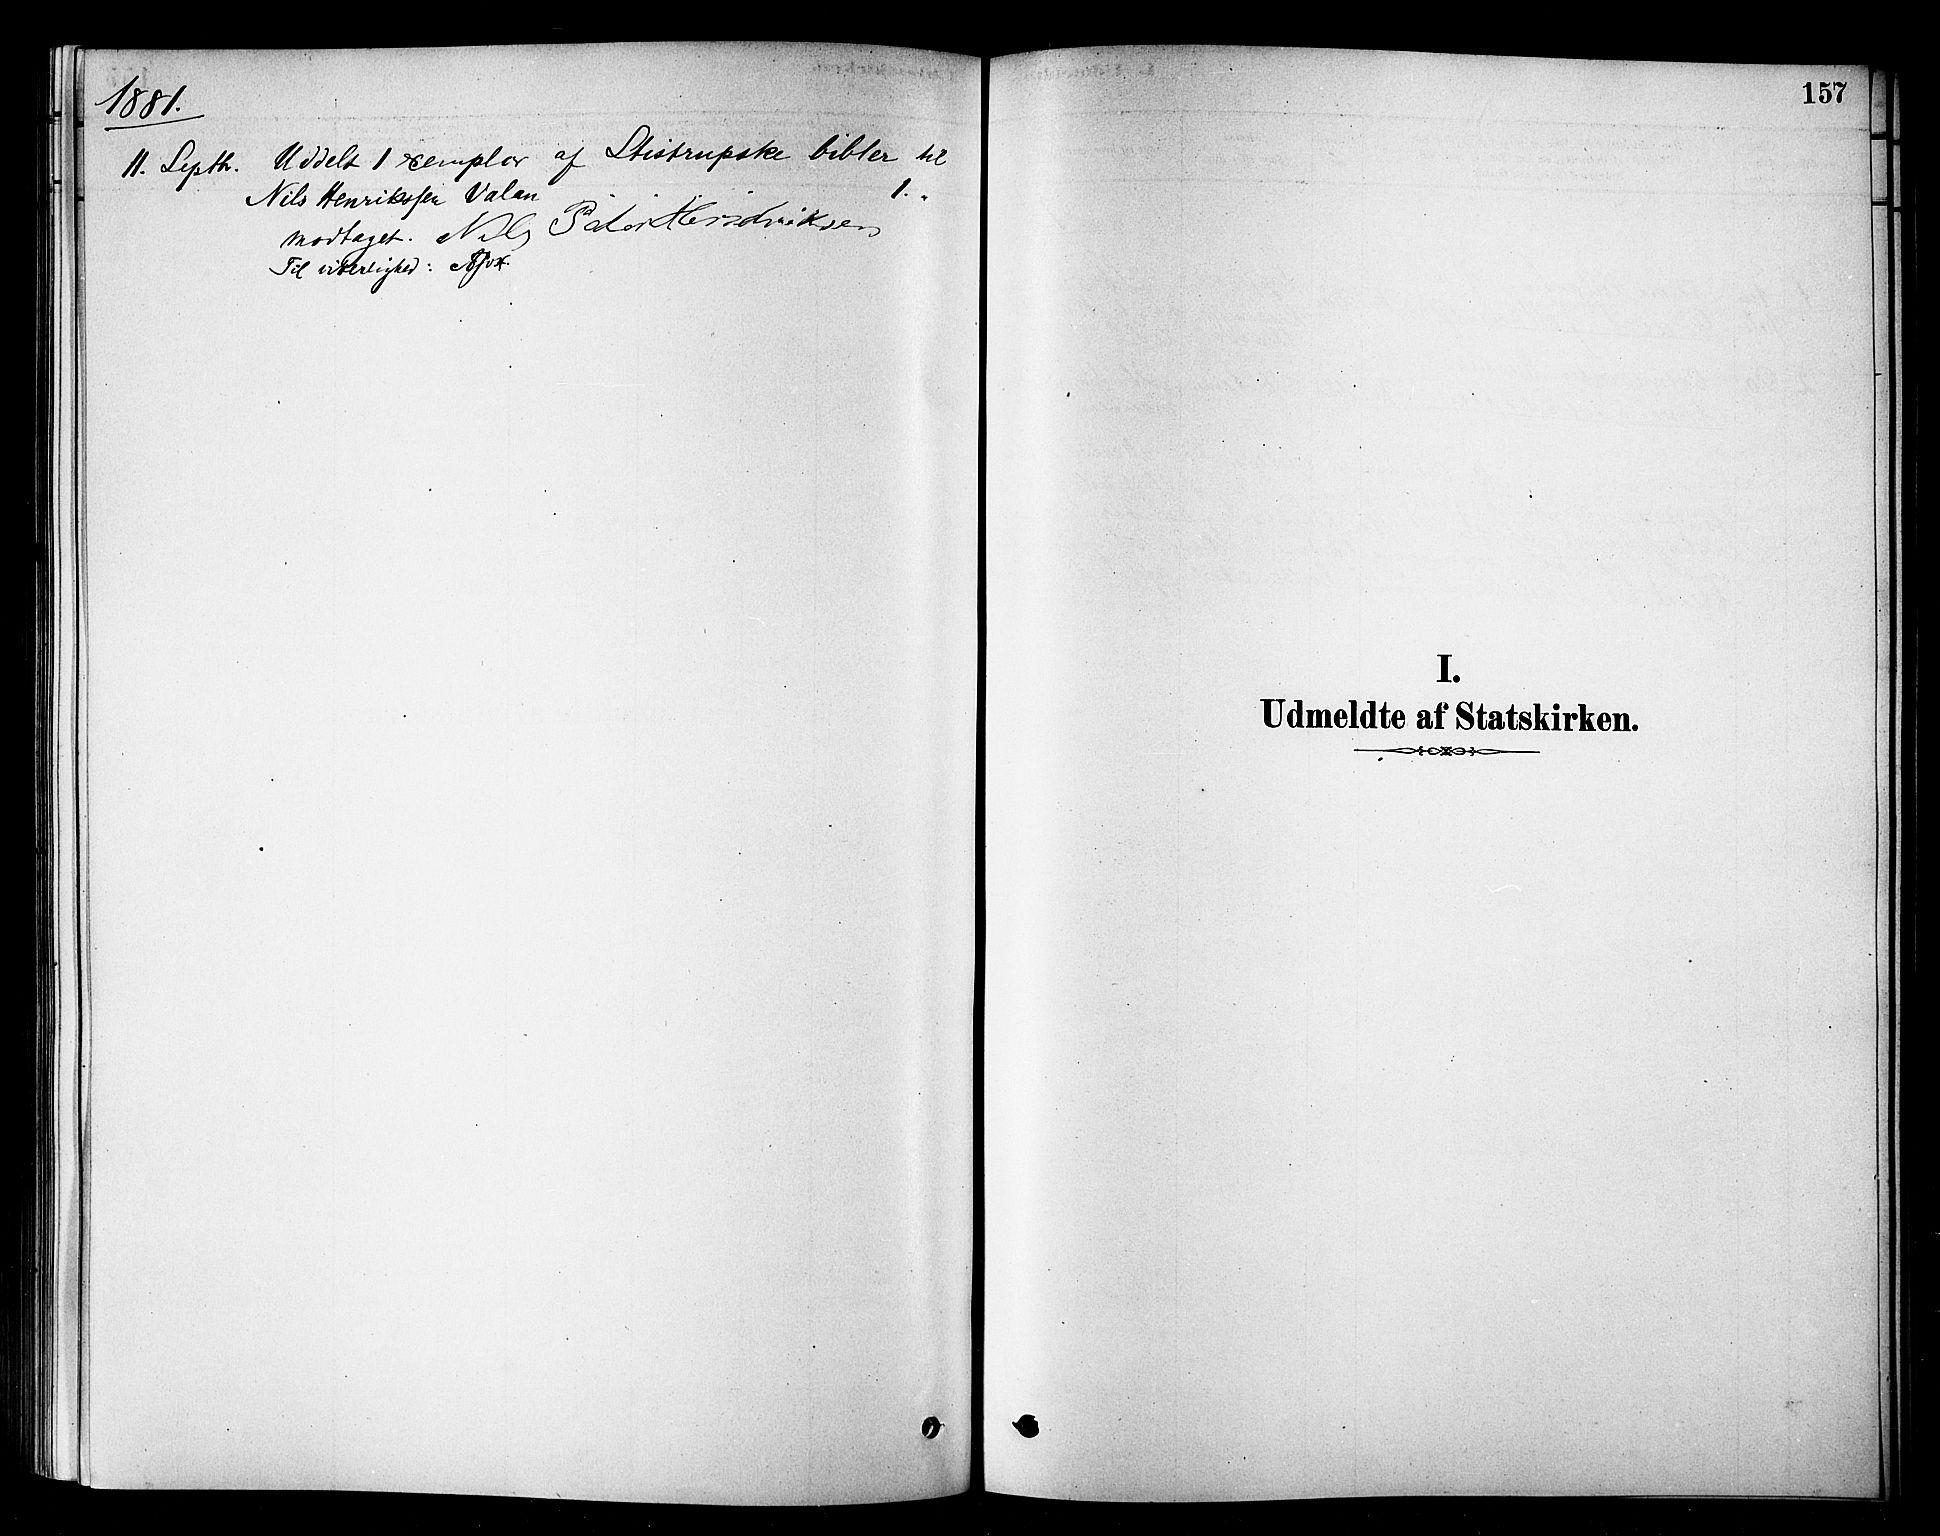 SATØ, Loppa sokneprestkontor, H/Ha/L0007kirke: Ministerialbok nr. 7, 1879-1889, s. 157